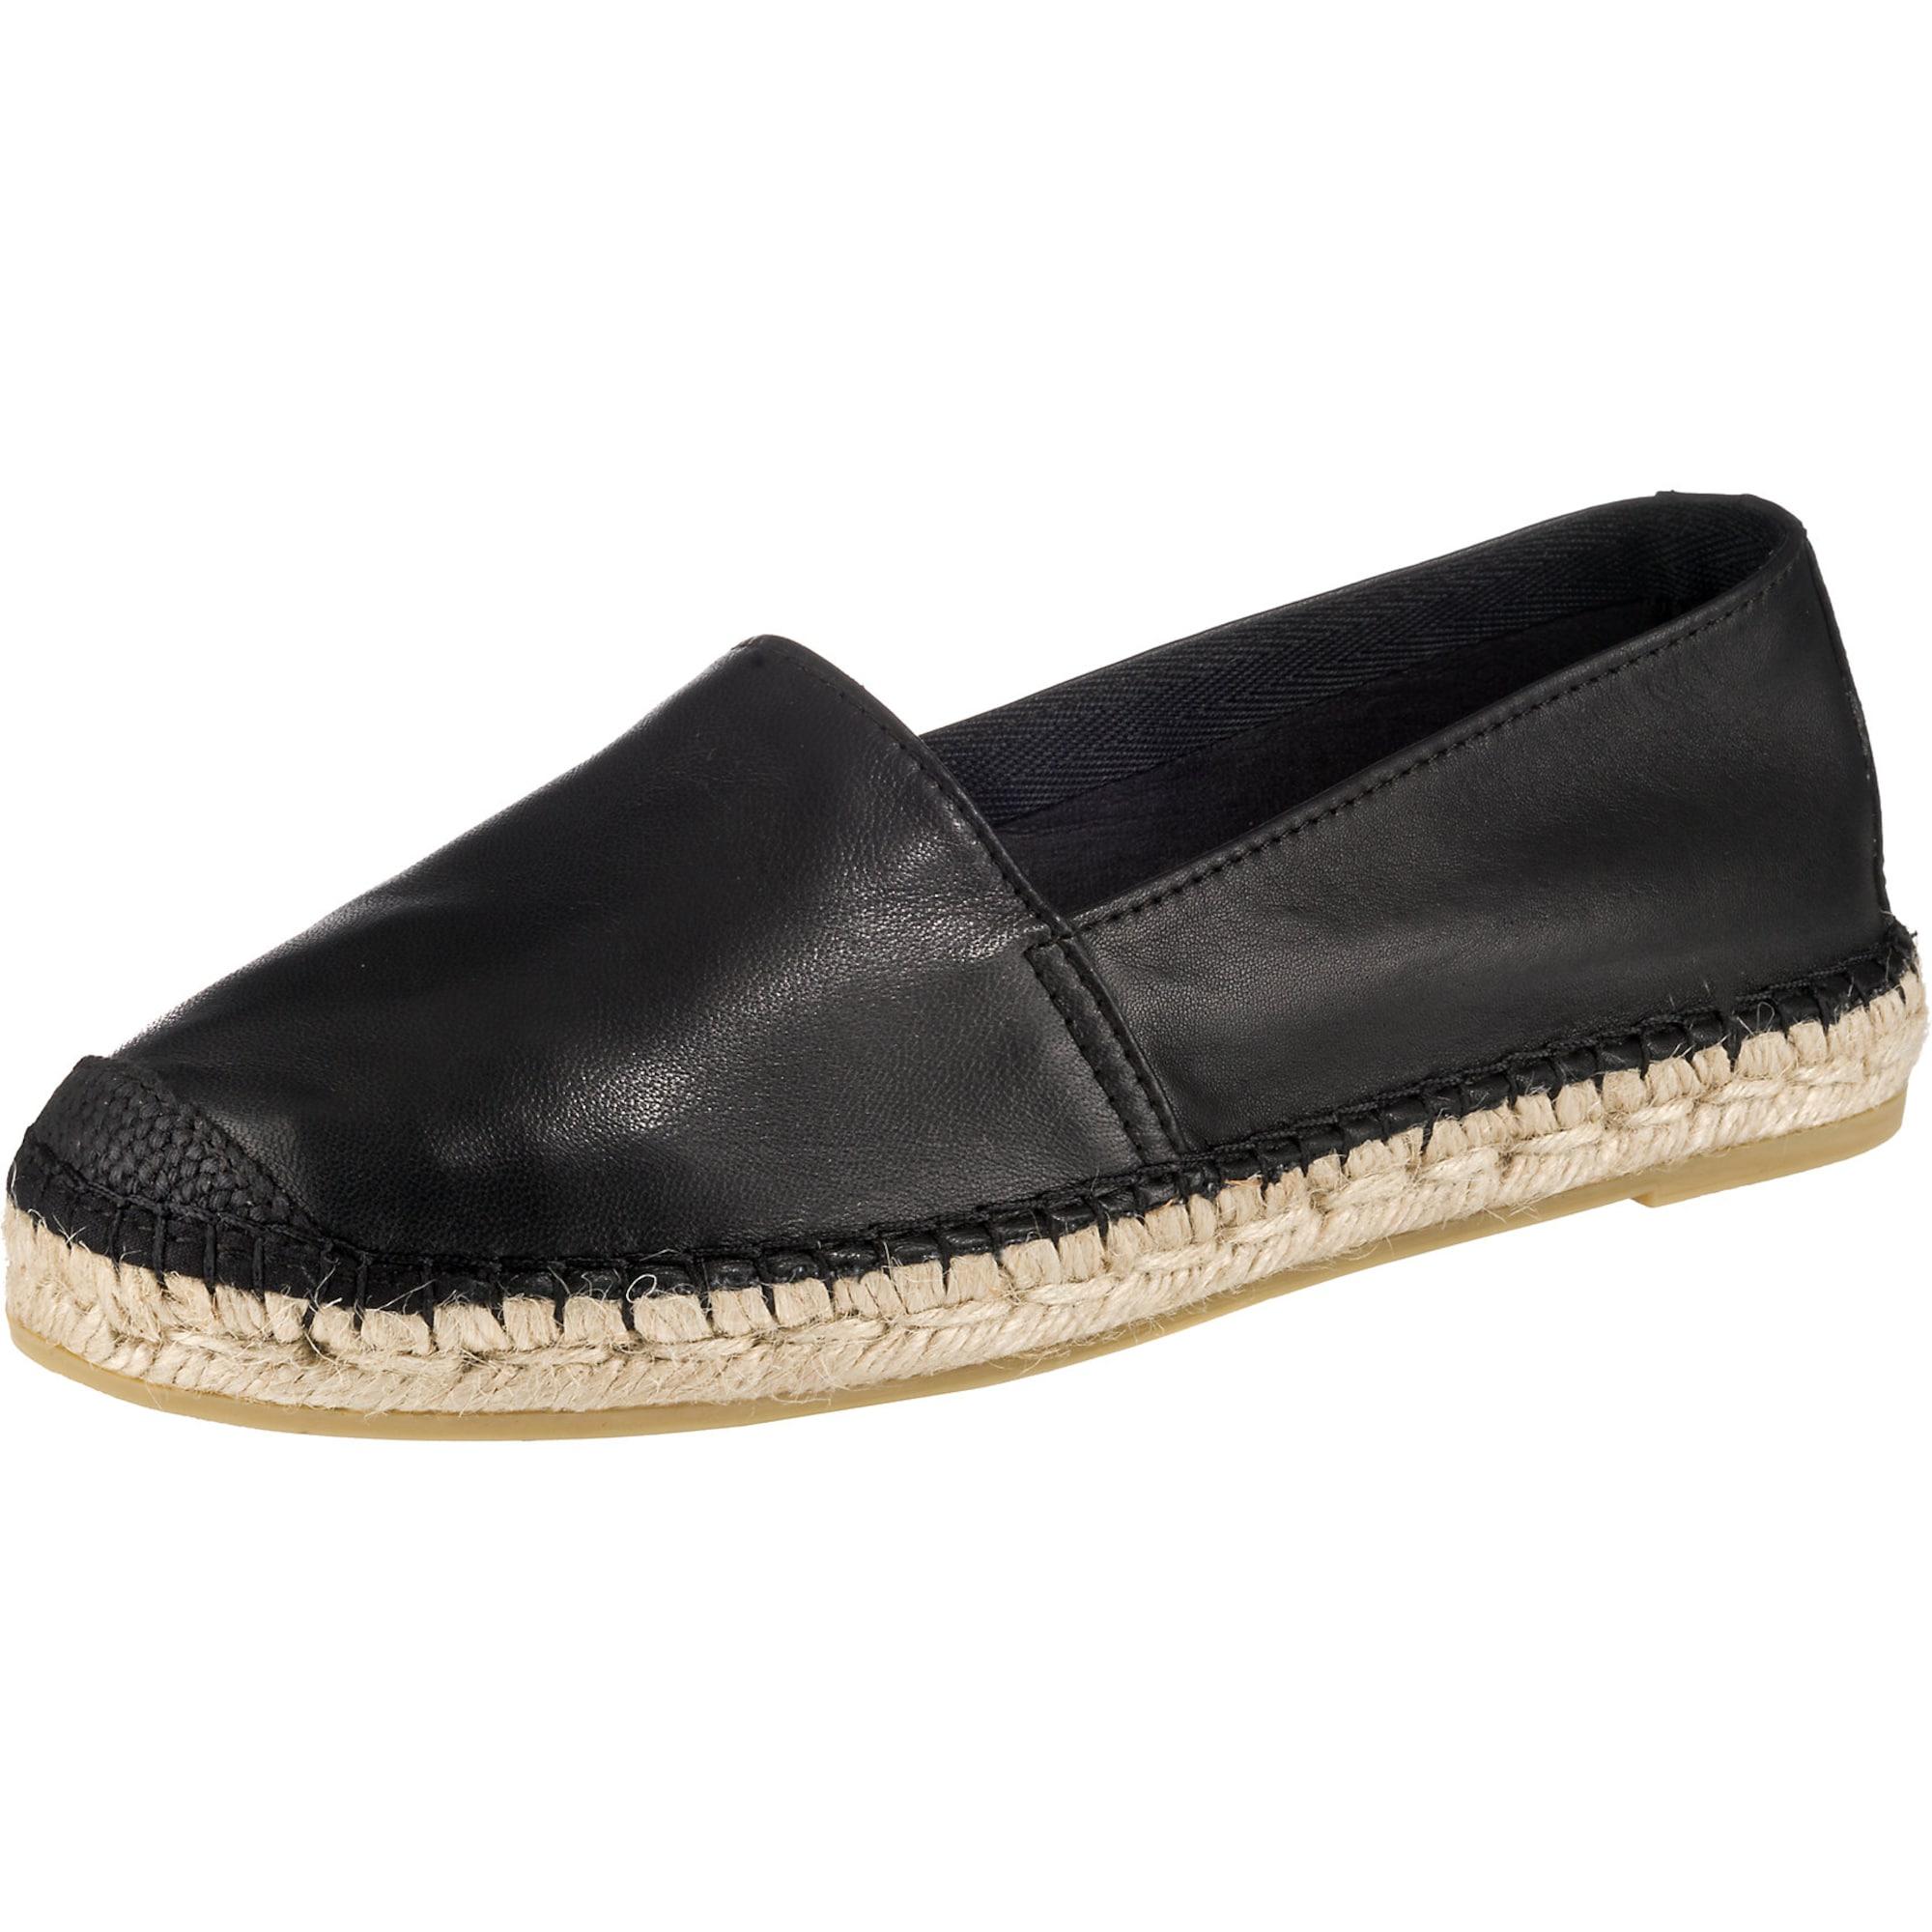 Espadrilles | Schuhe > Espadrilles | Schwarz | Vidorreta